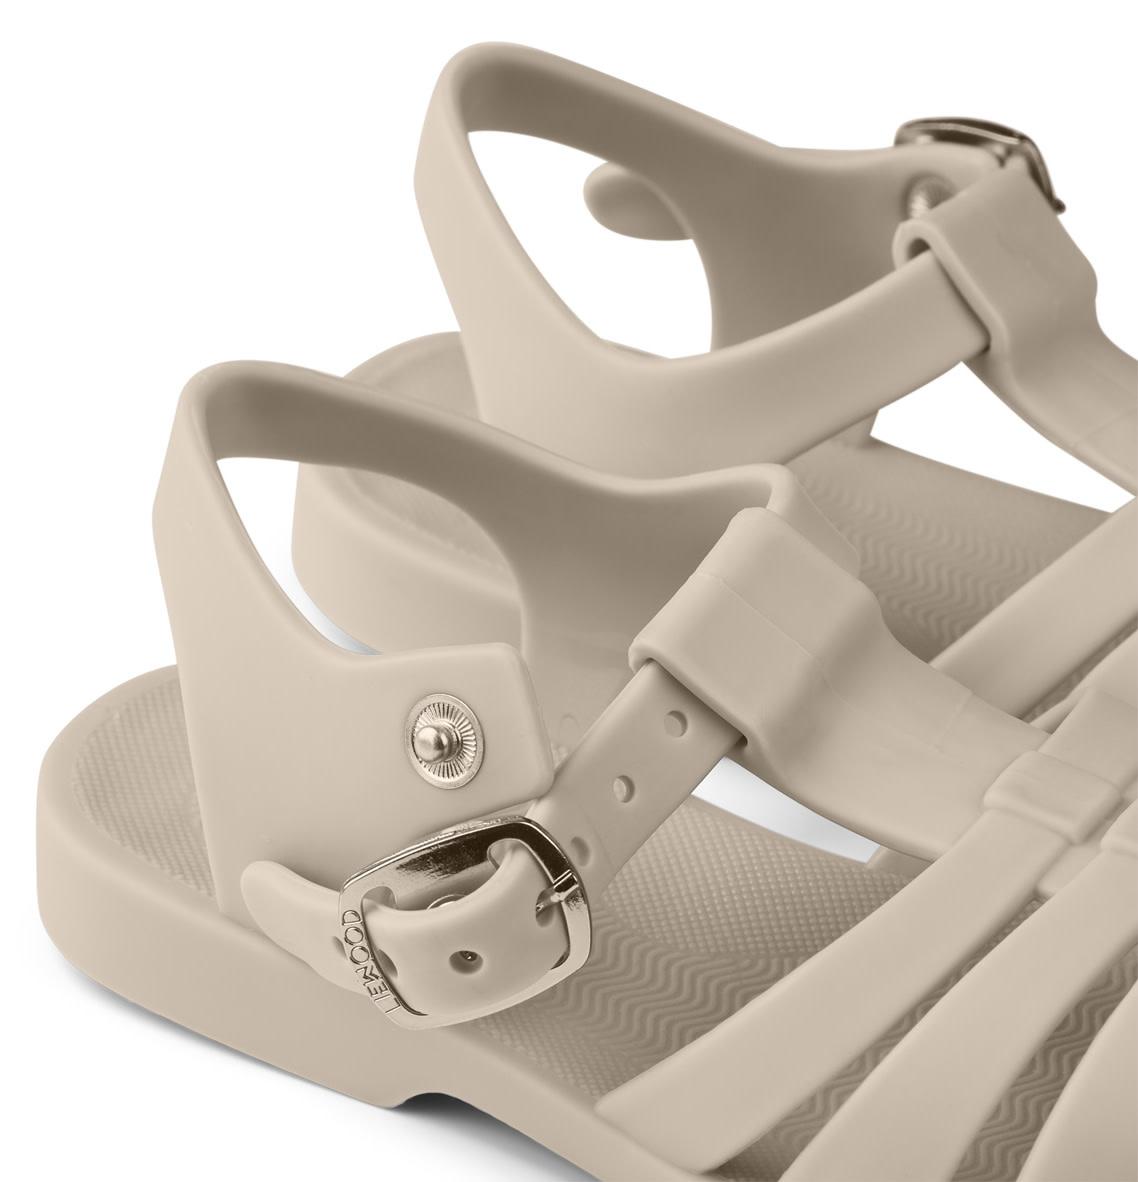 Bre sandals sandy-3